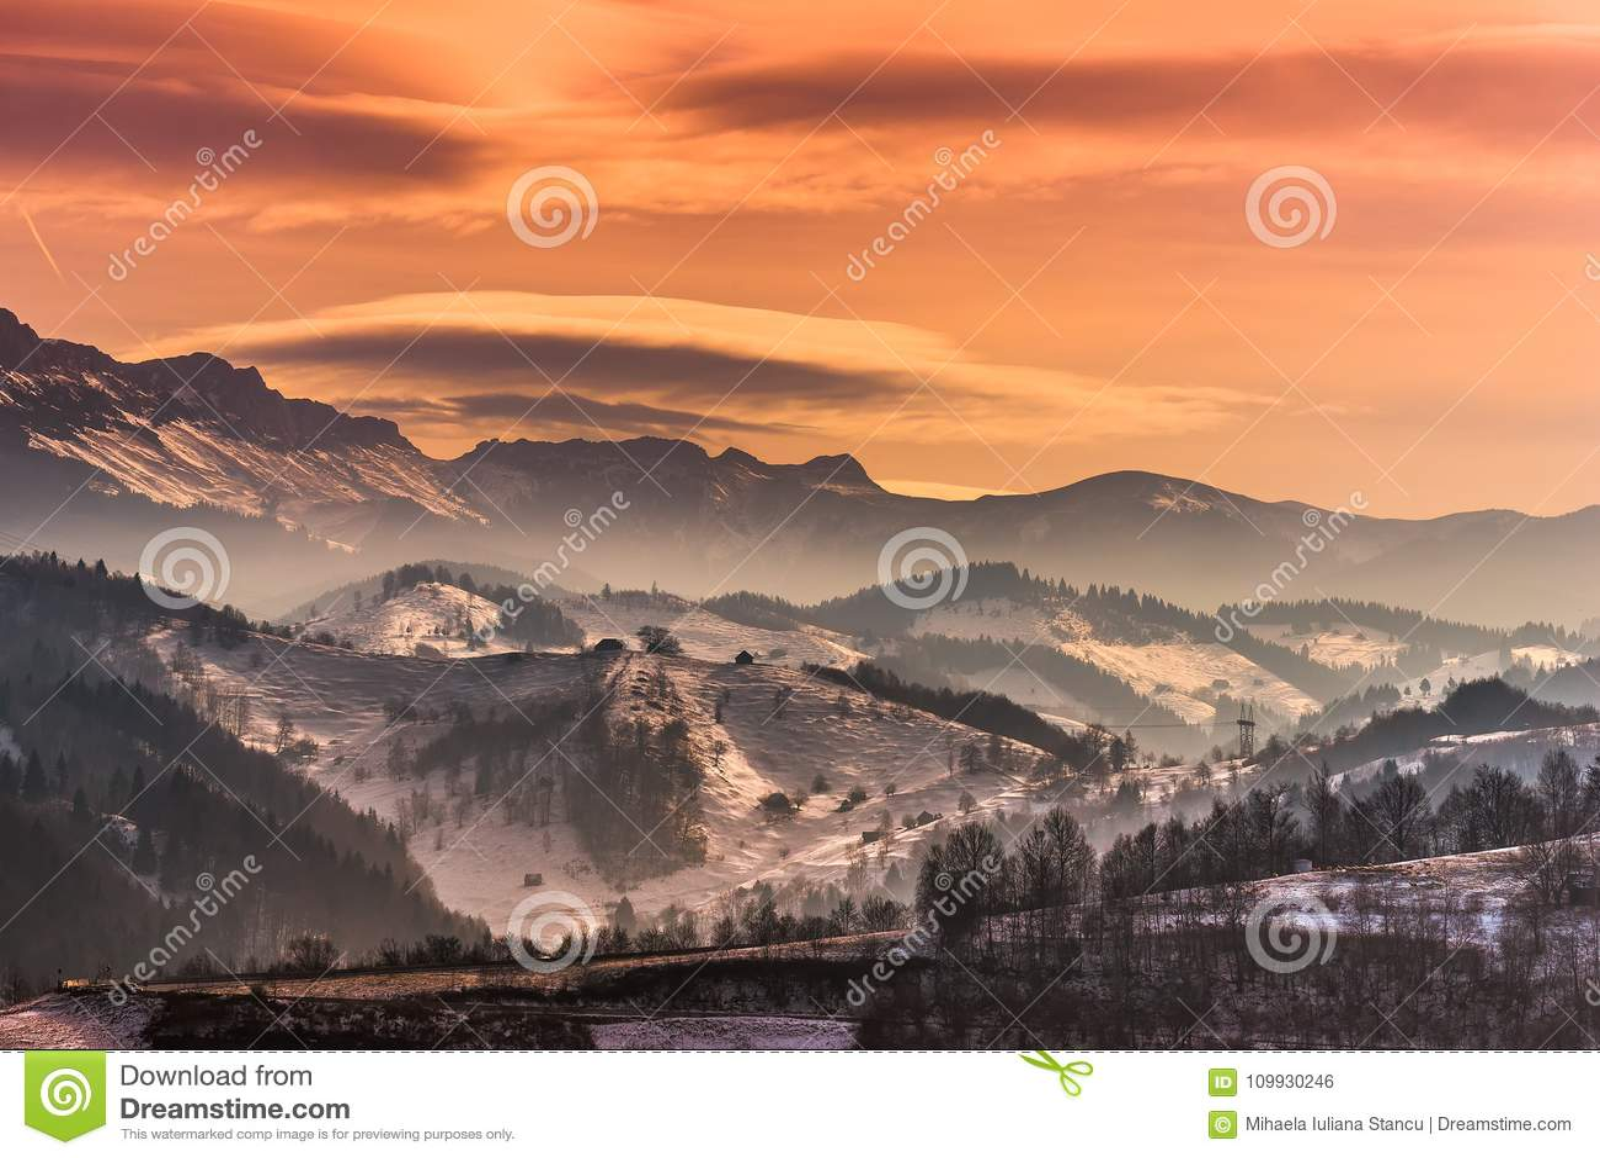 Piękny zima krajobraz w górach z soczewkowatymi chmurami i śnieg w zmierzchu zaświecamy